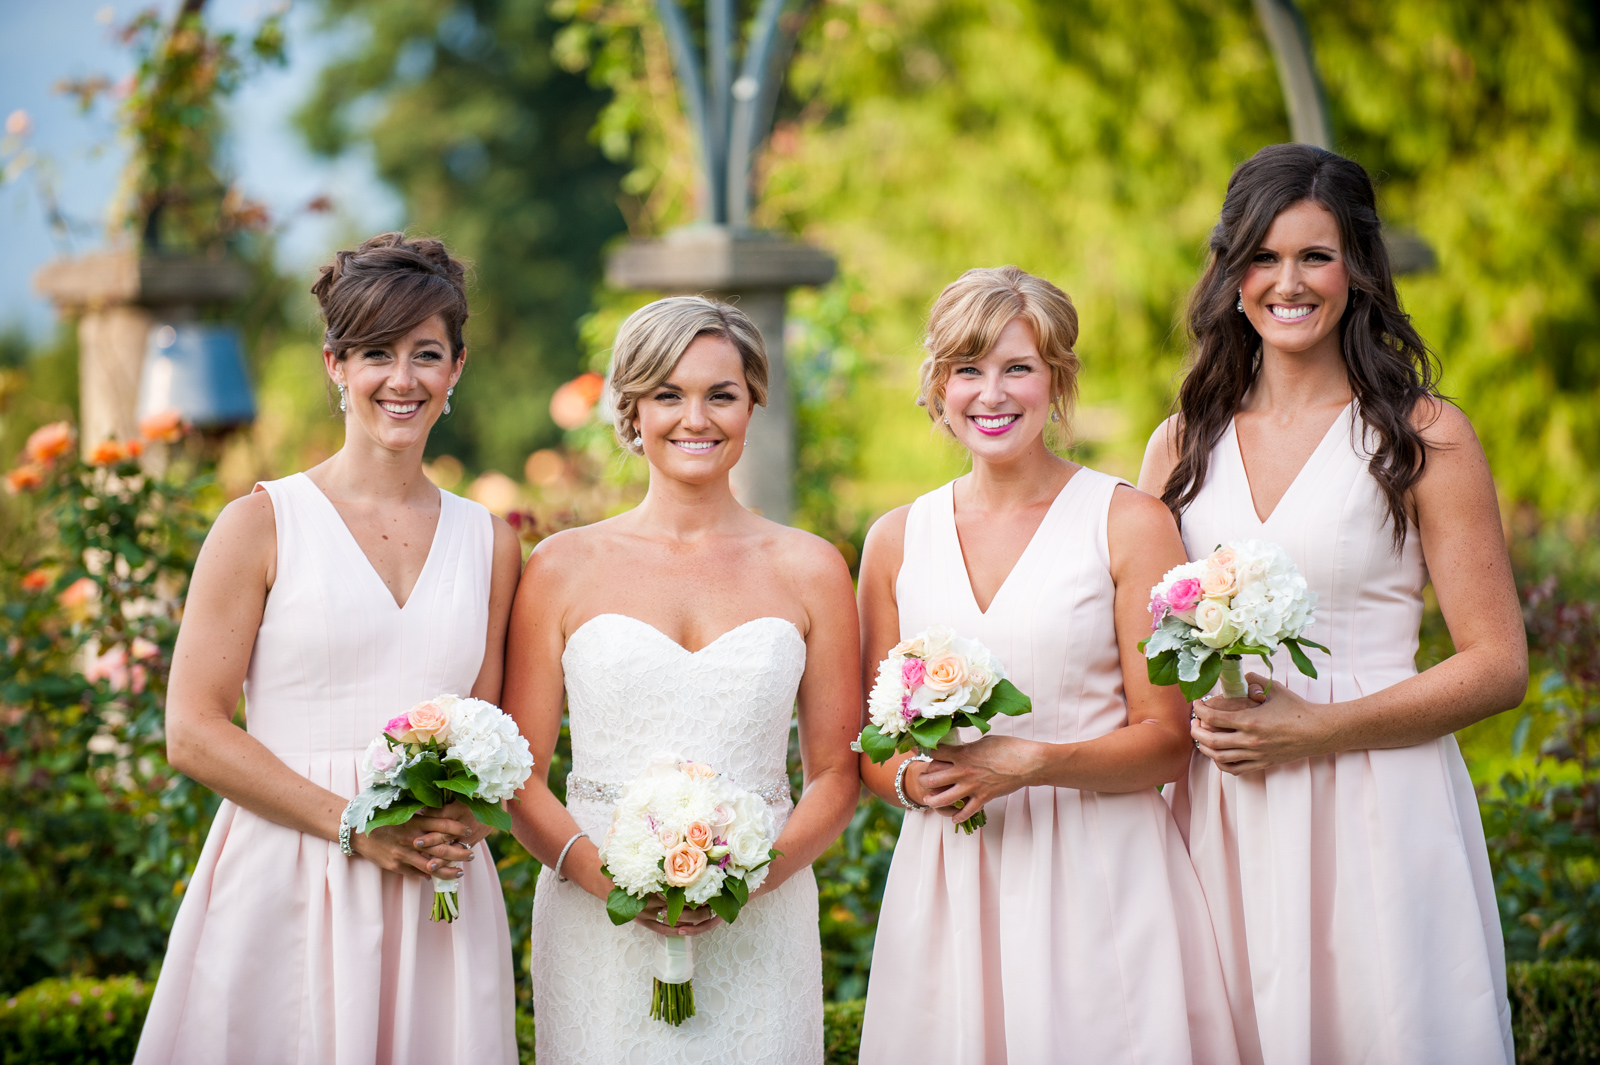 victoria-wedding-photographers-ubc-rose-garden-sage-bistro-wedding-38.jpg